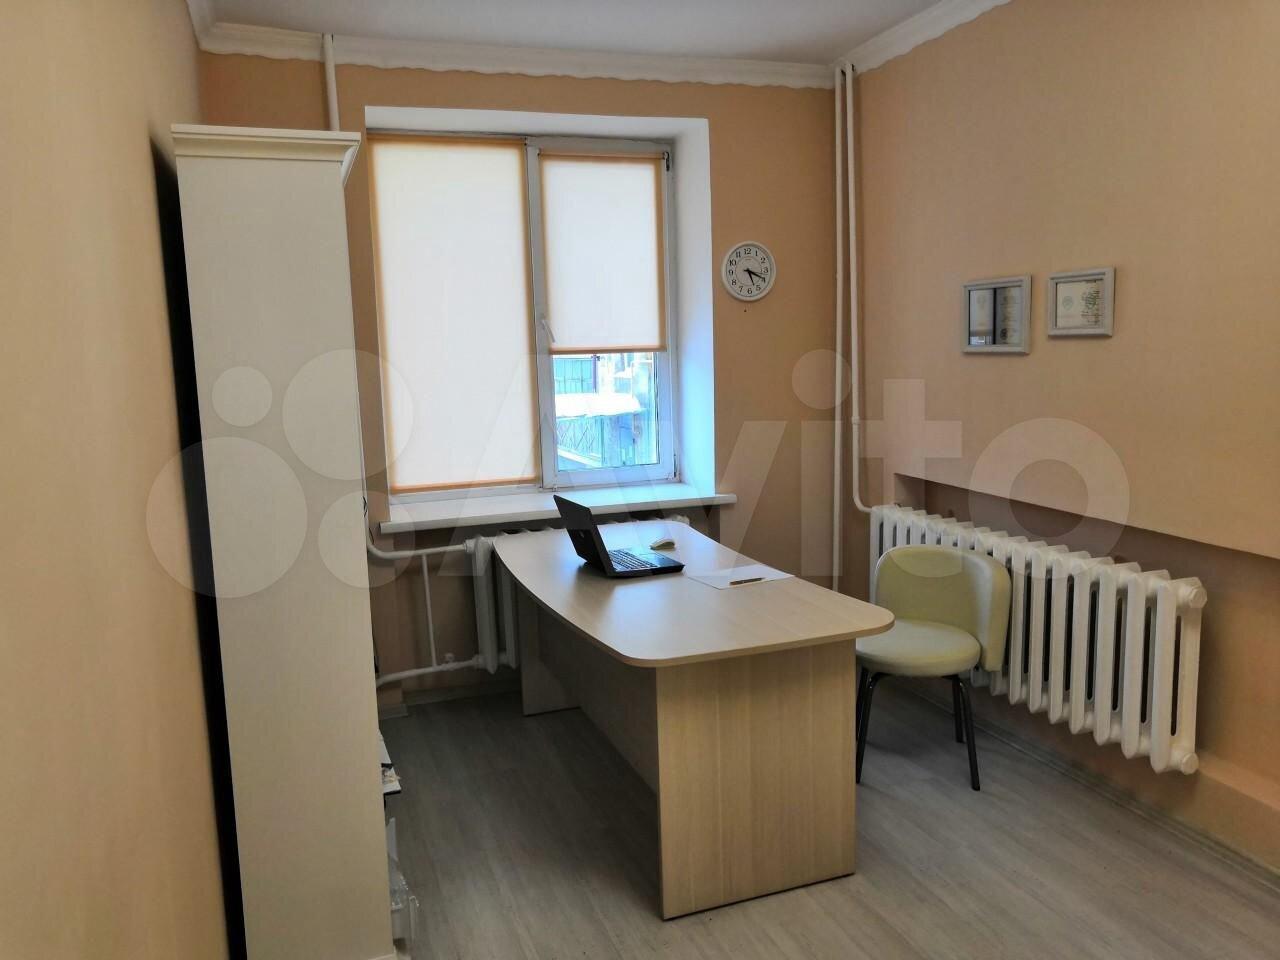 4-к квартира, 90 м², 2/5 эт.  89644296852 купить 3